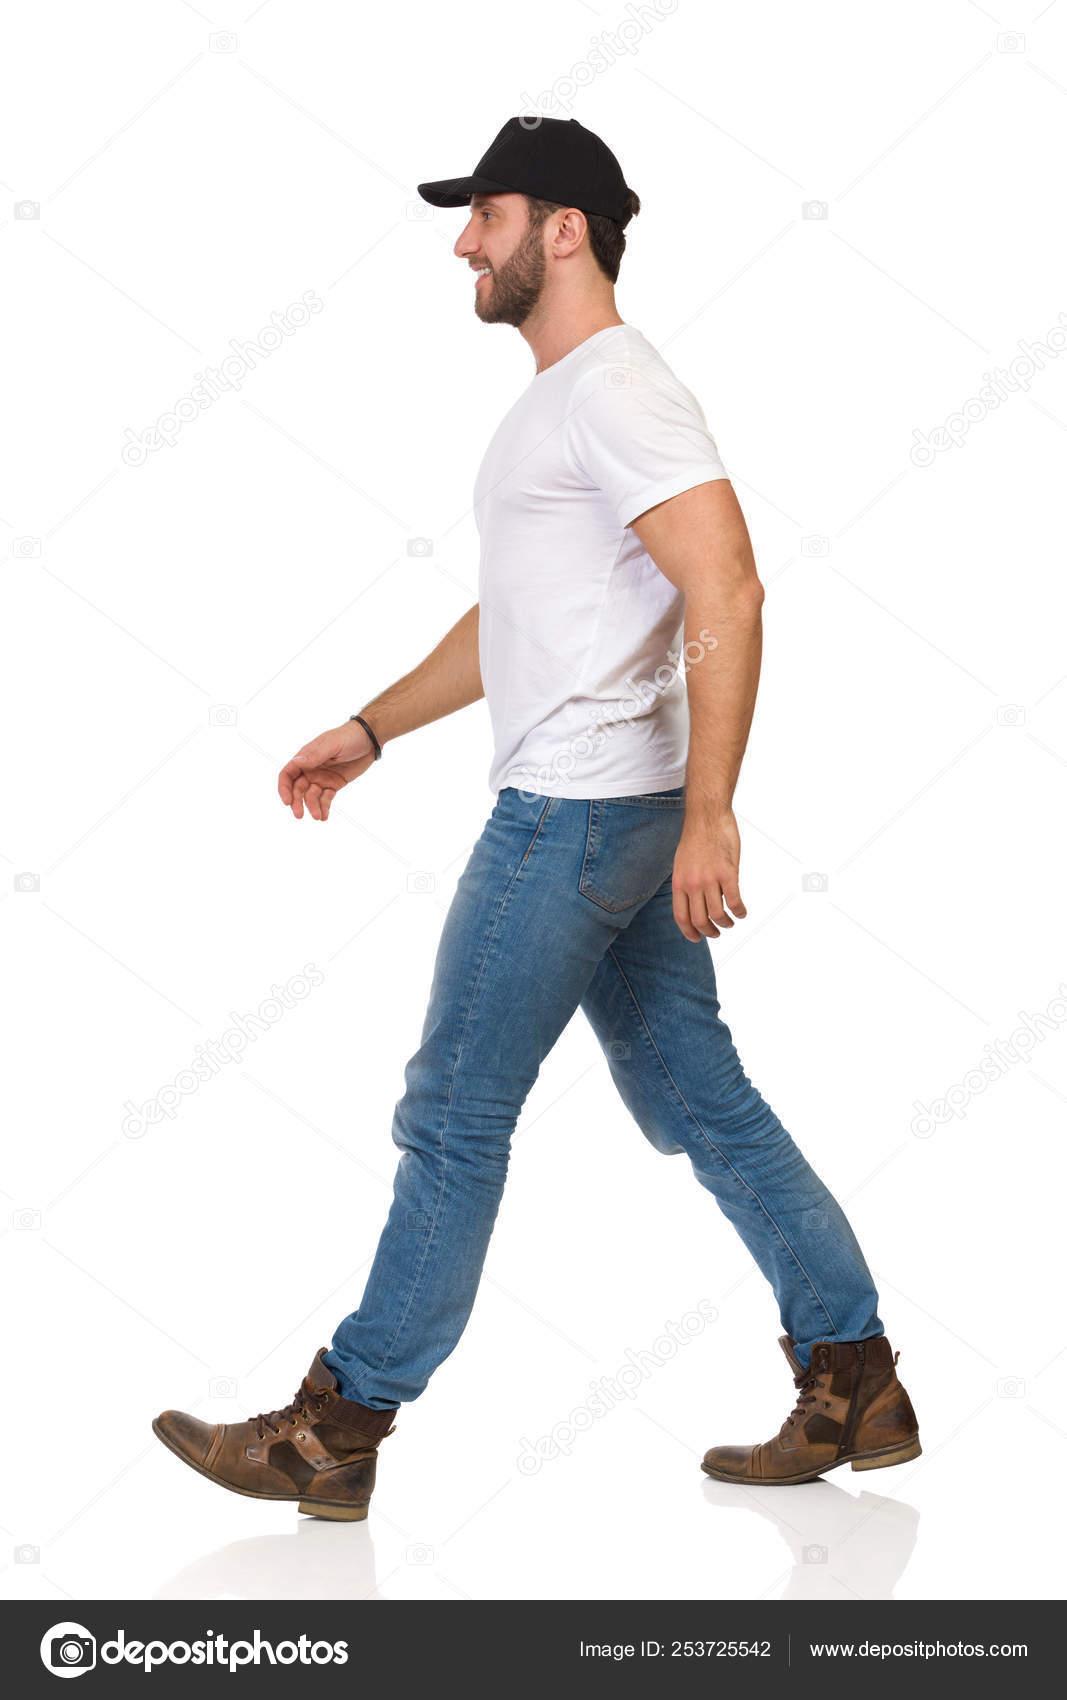 Hombre camina feliz en camiseta blanca, pantalones vaqueros